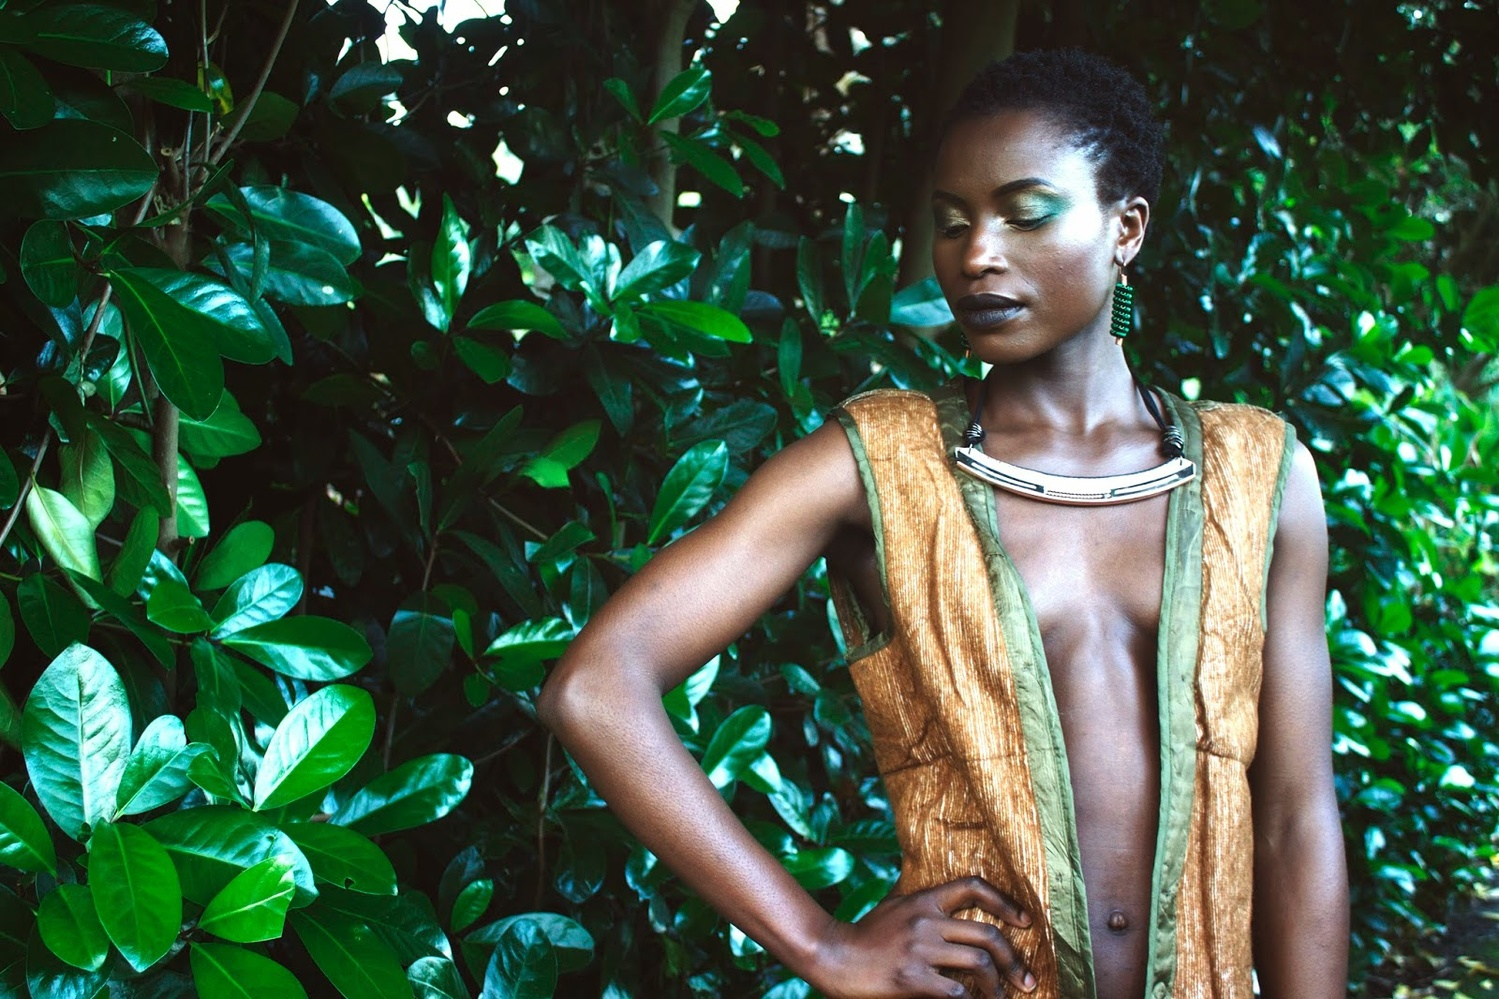 Nature Love -Jewellery Shoot by Sivuyisiwe Giba